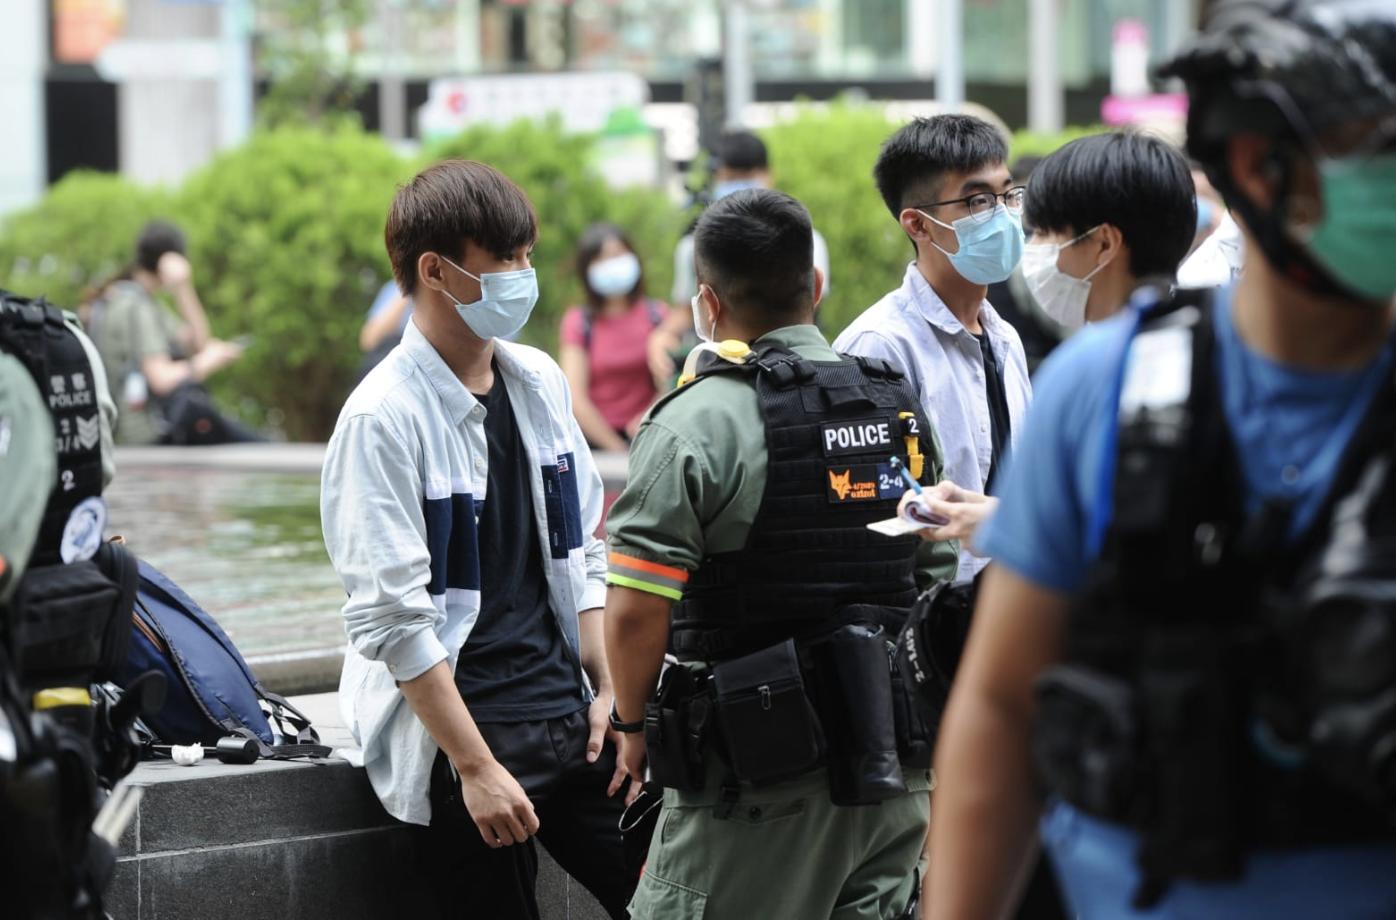 616遊行不獲警方批准,改為各自參與。維園水池邊有學生被防暴警察扣查。(宋碧龍/大紀元)